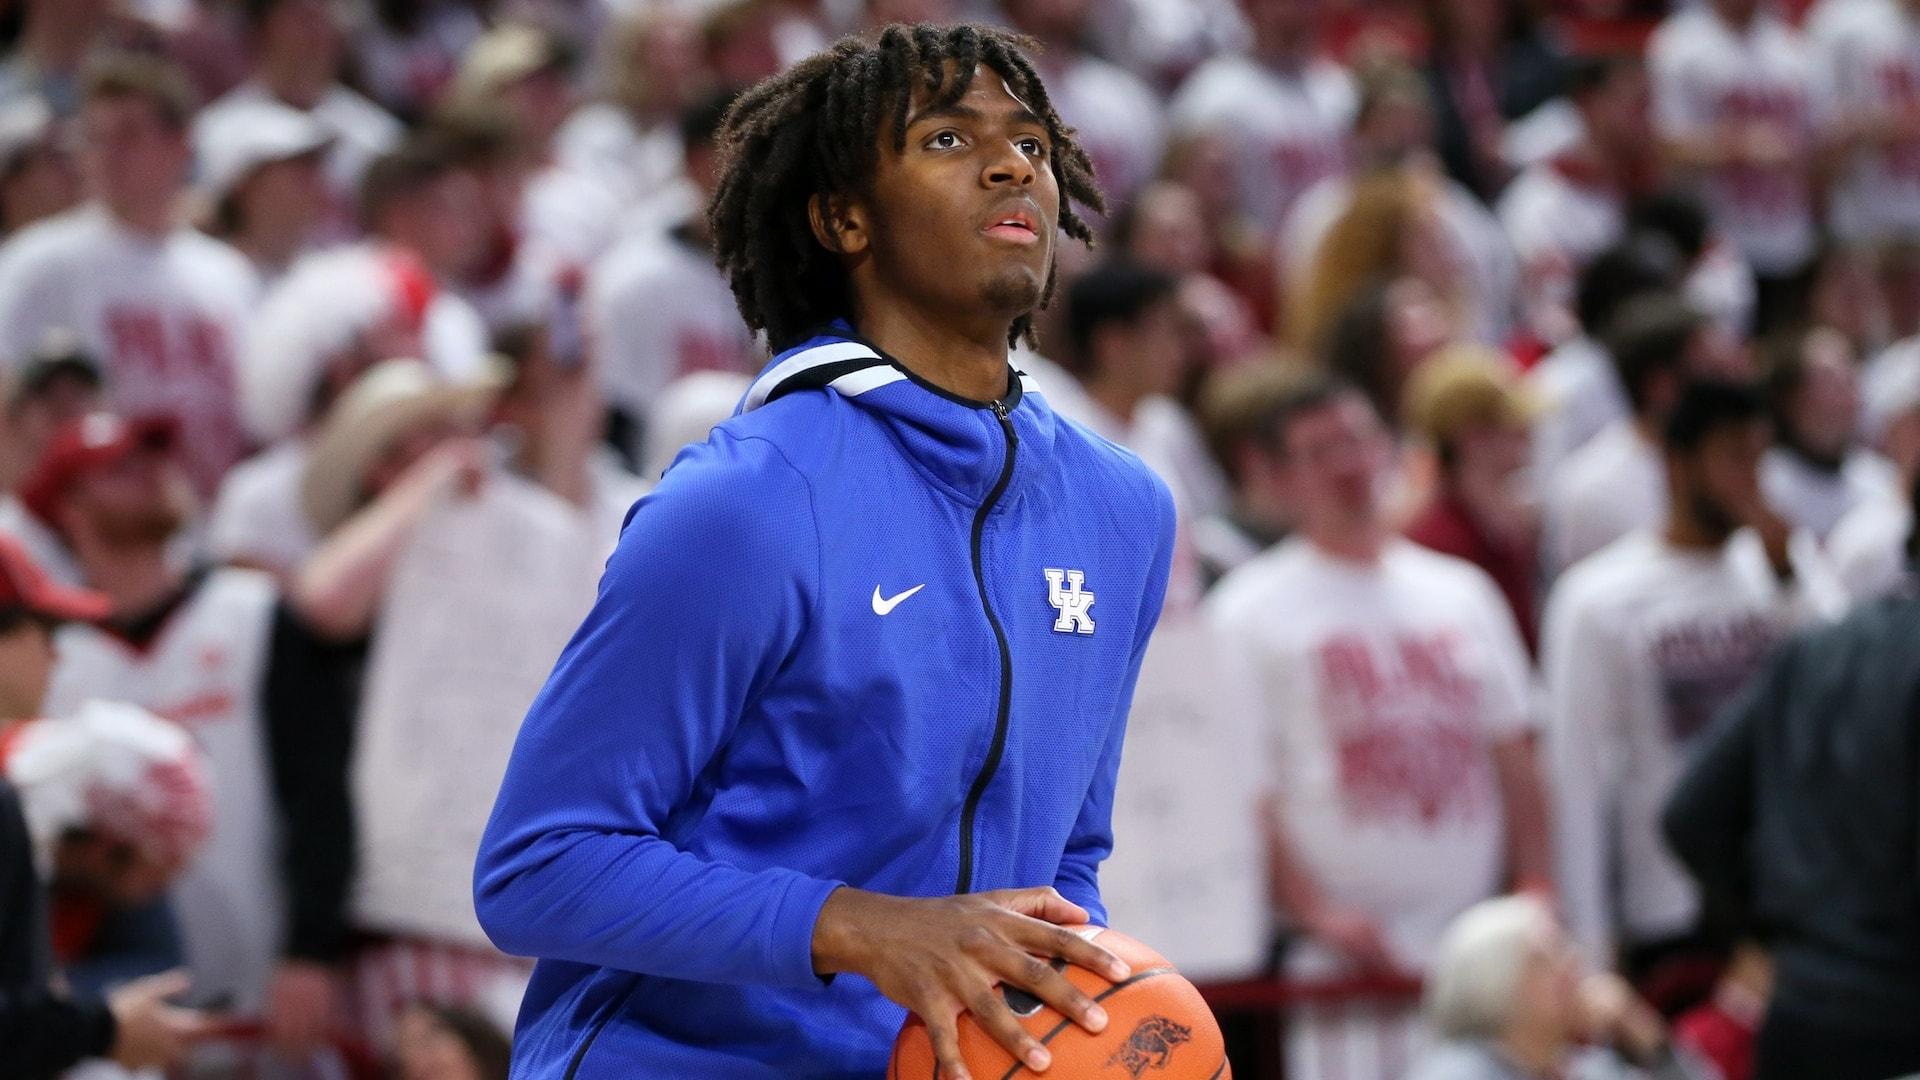 Kentucky freshman Tyrese Maxey declares for NBA Draft